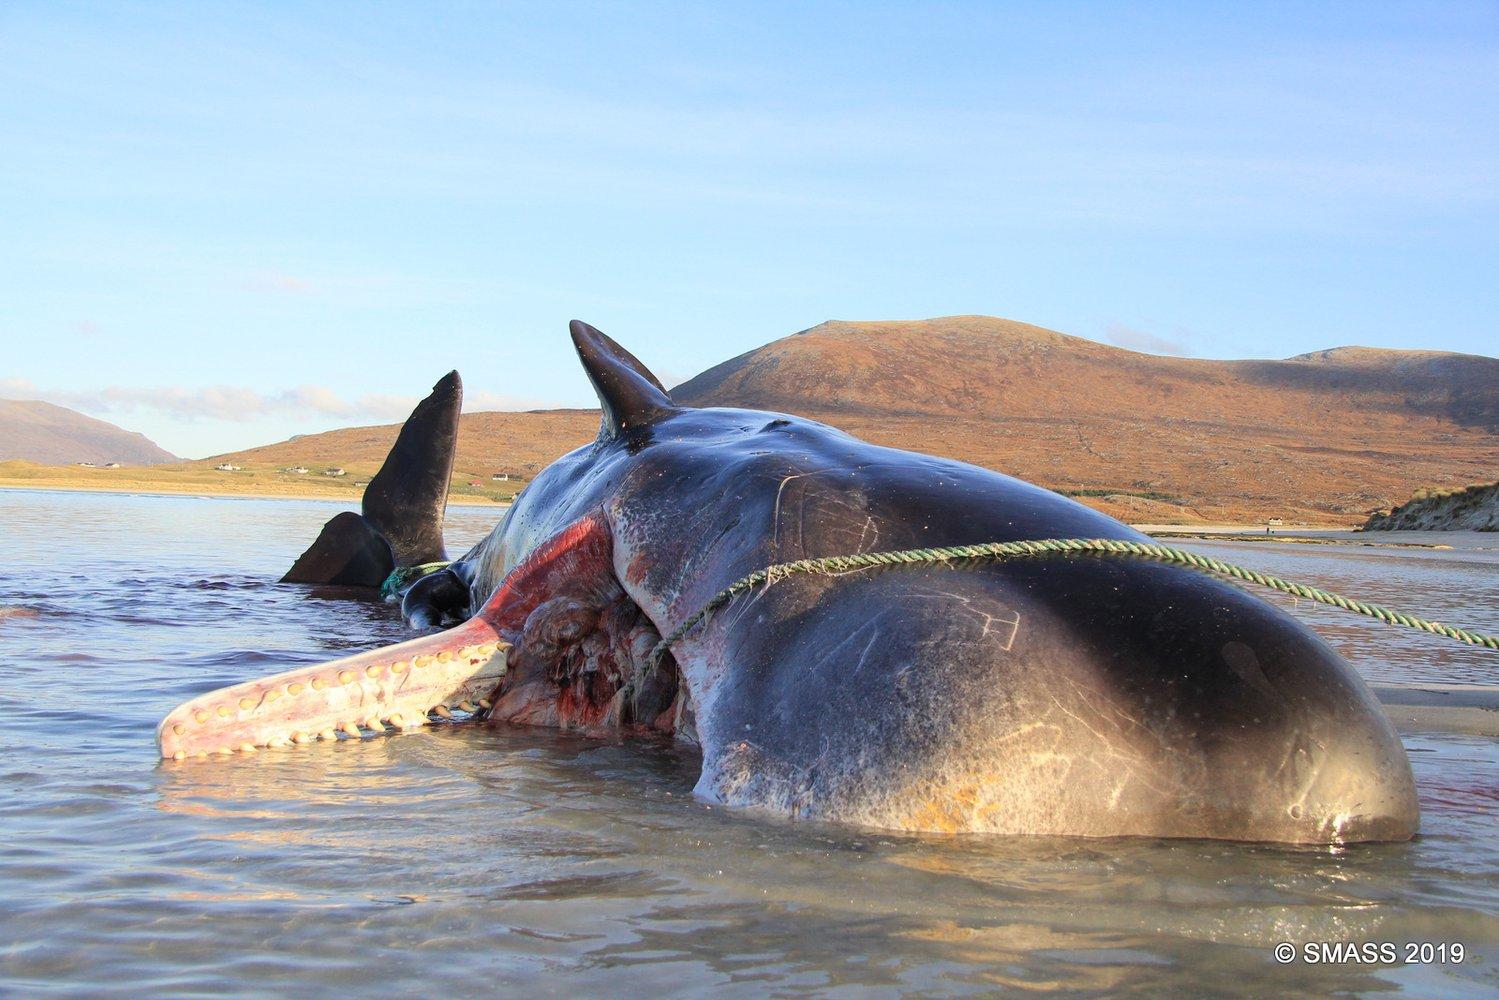 Жахливі наслідки забруднення океану: у шлунку кашалота знайшли 100 кг сміття (ФОТО 18+) - Світовий океан - 05 kashalot